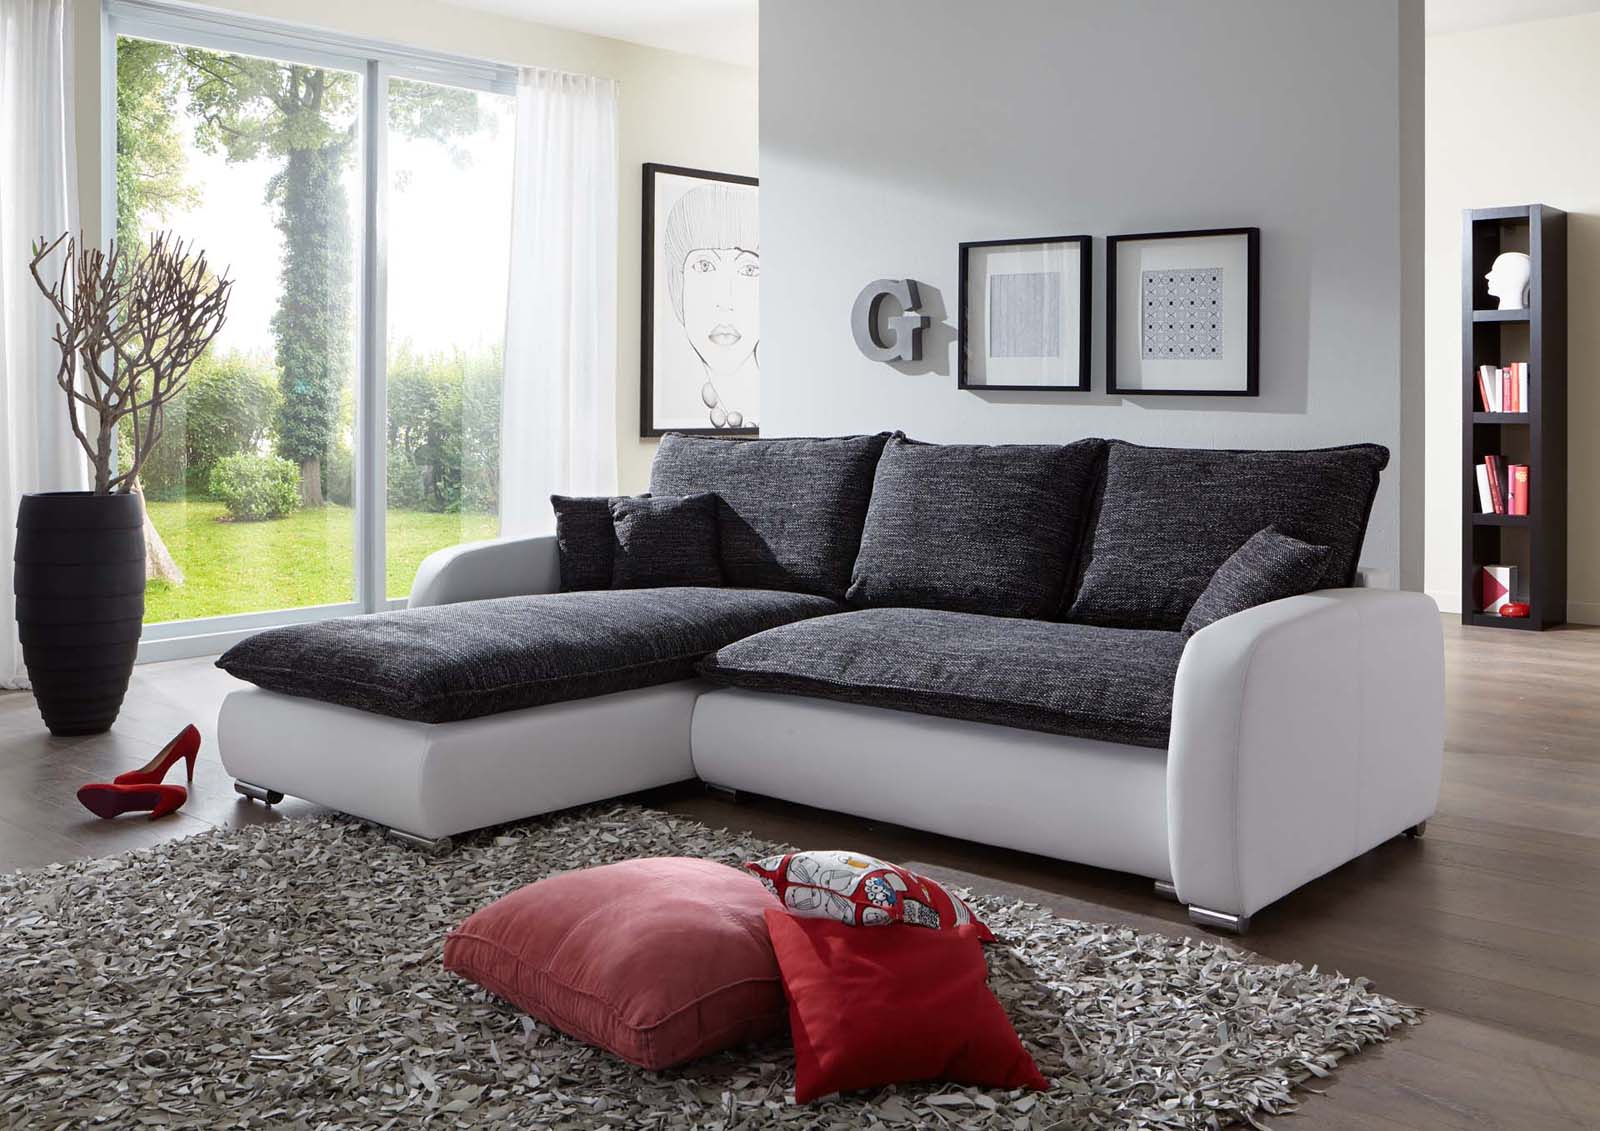 Wohnzimmer Grau: Grau rosa interieur design ideen. DreamsHome ...